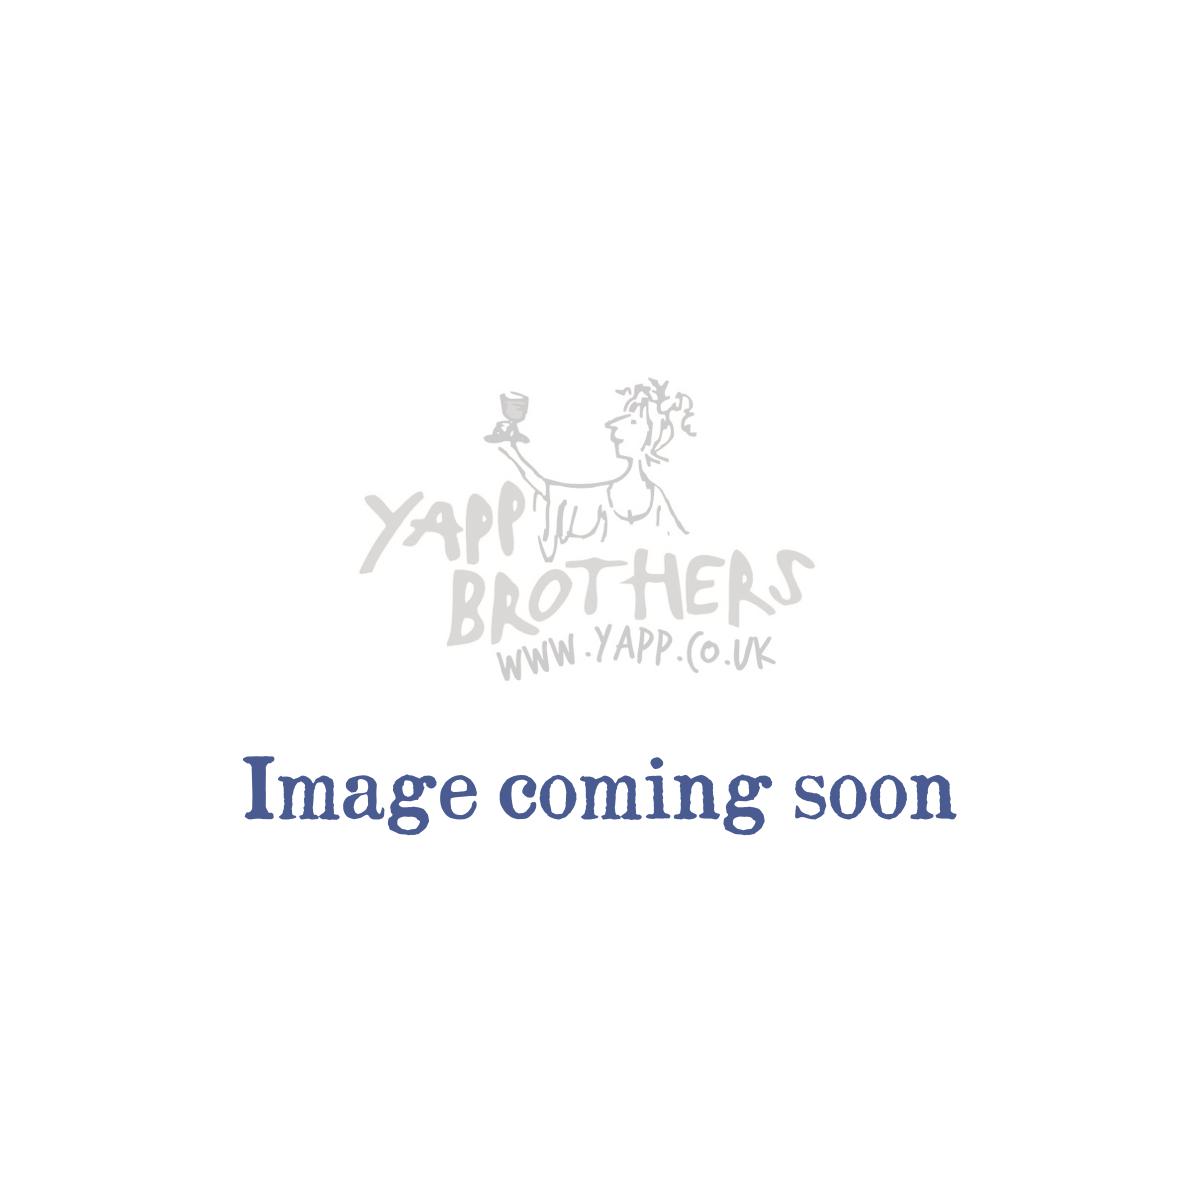 Coteaux du Cap Corse: Domaine Pieretti 'Vieilles Vignes' Rouge 2018 - Bottle Rear Label